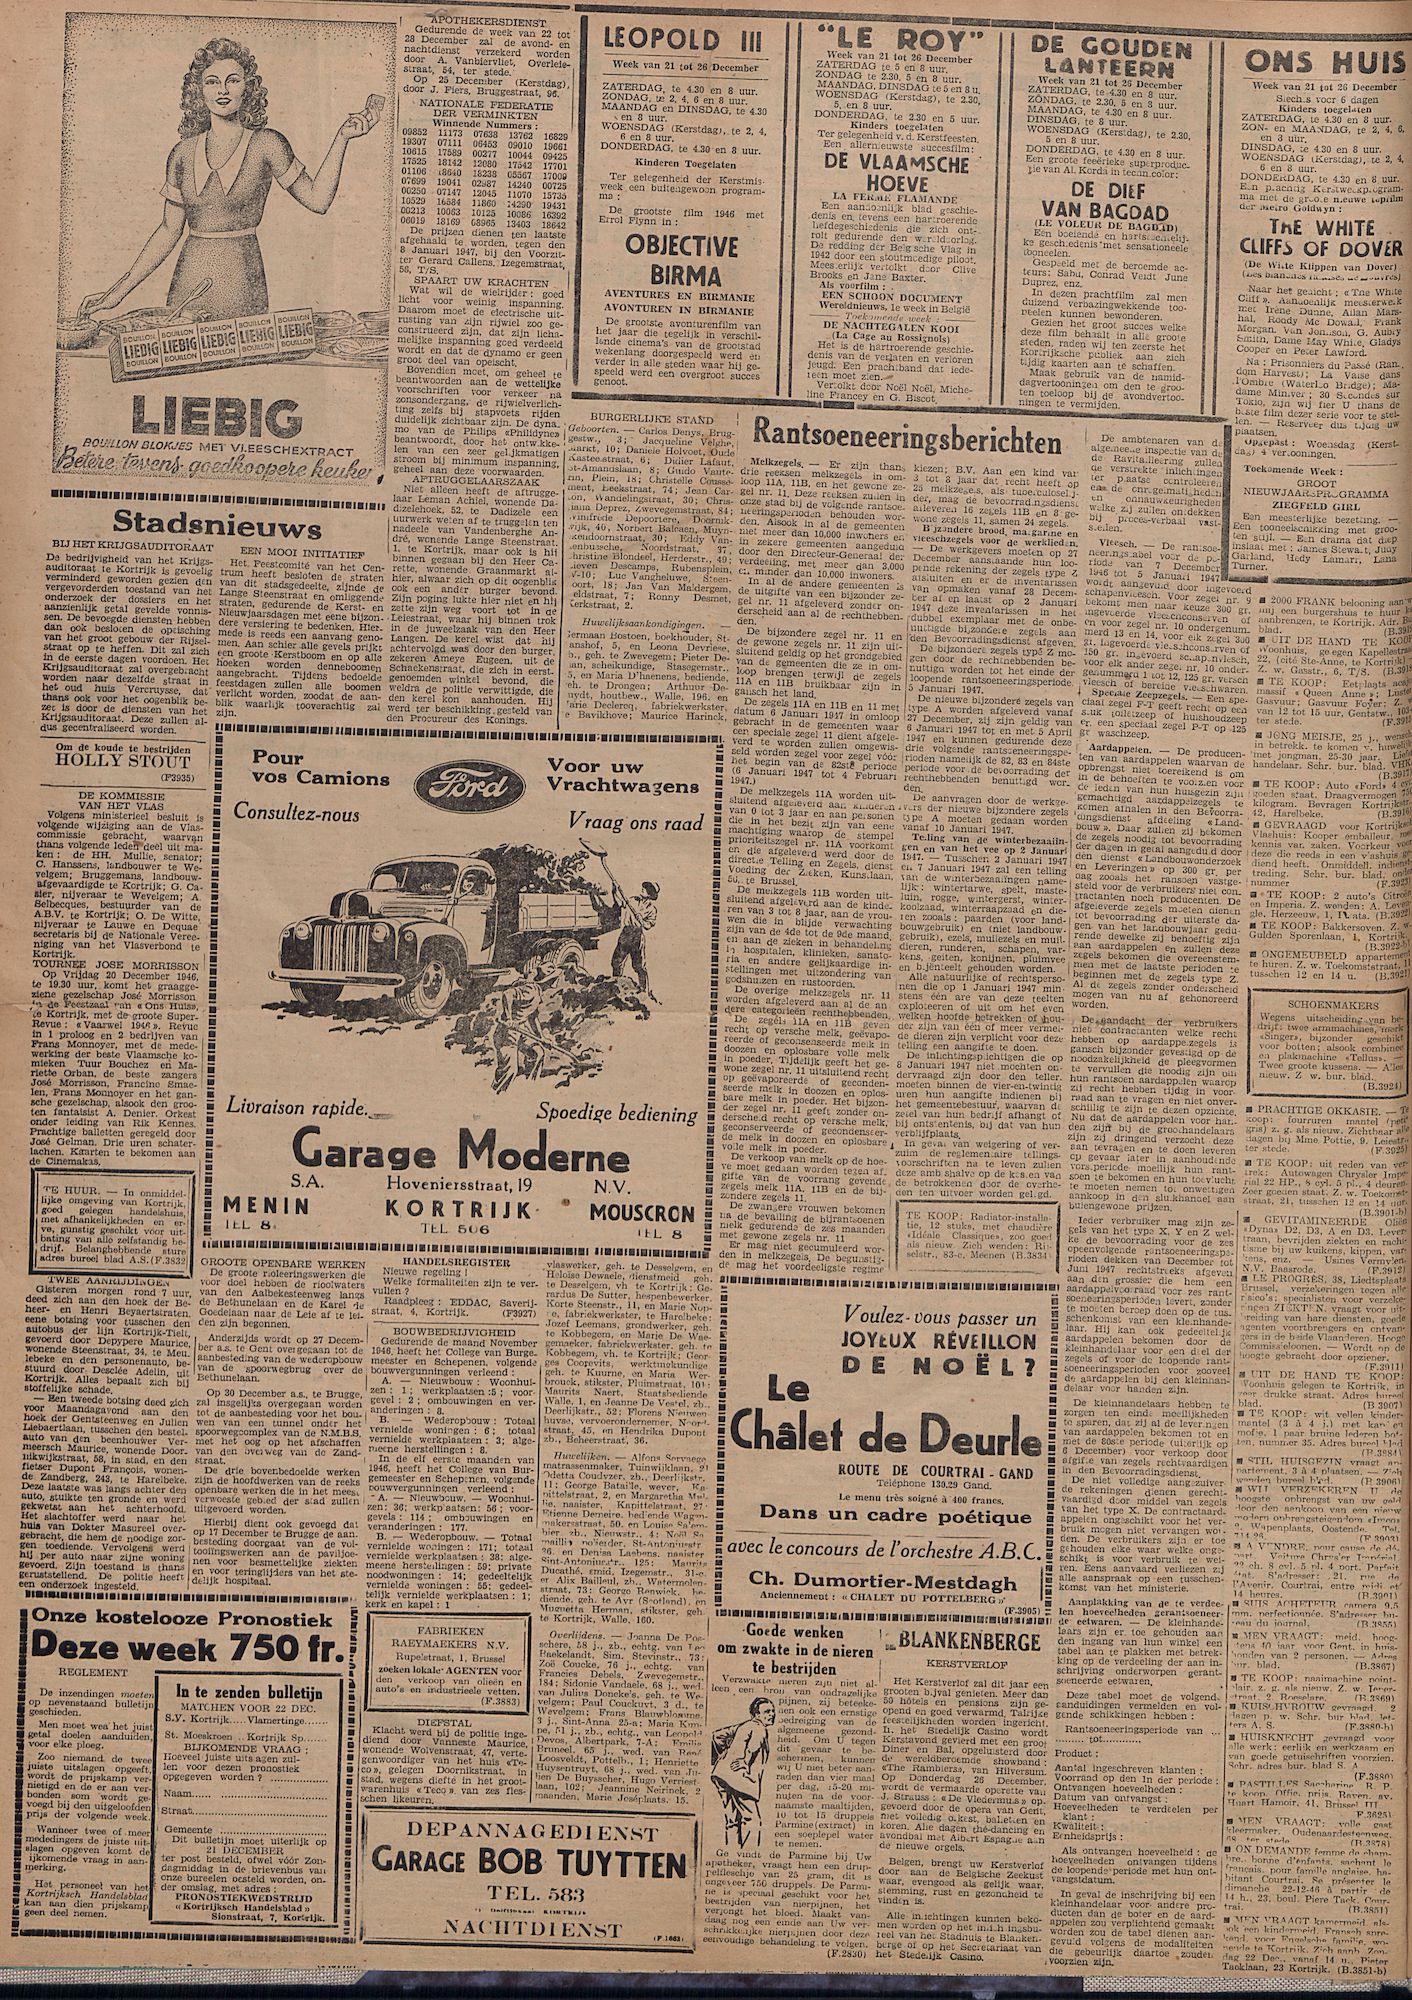 Kortrijksch Handelsblad 20 december 1946 Nr102 p2